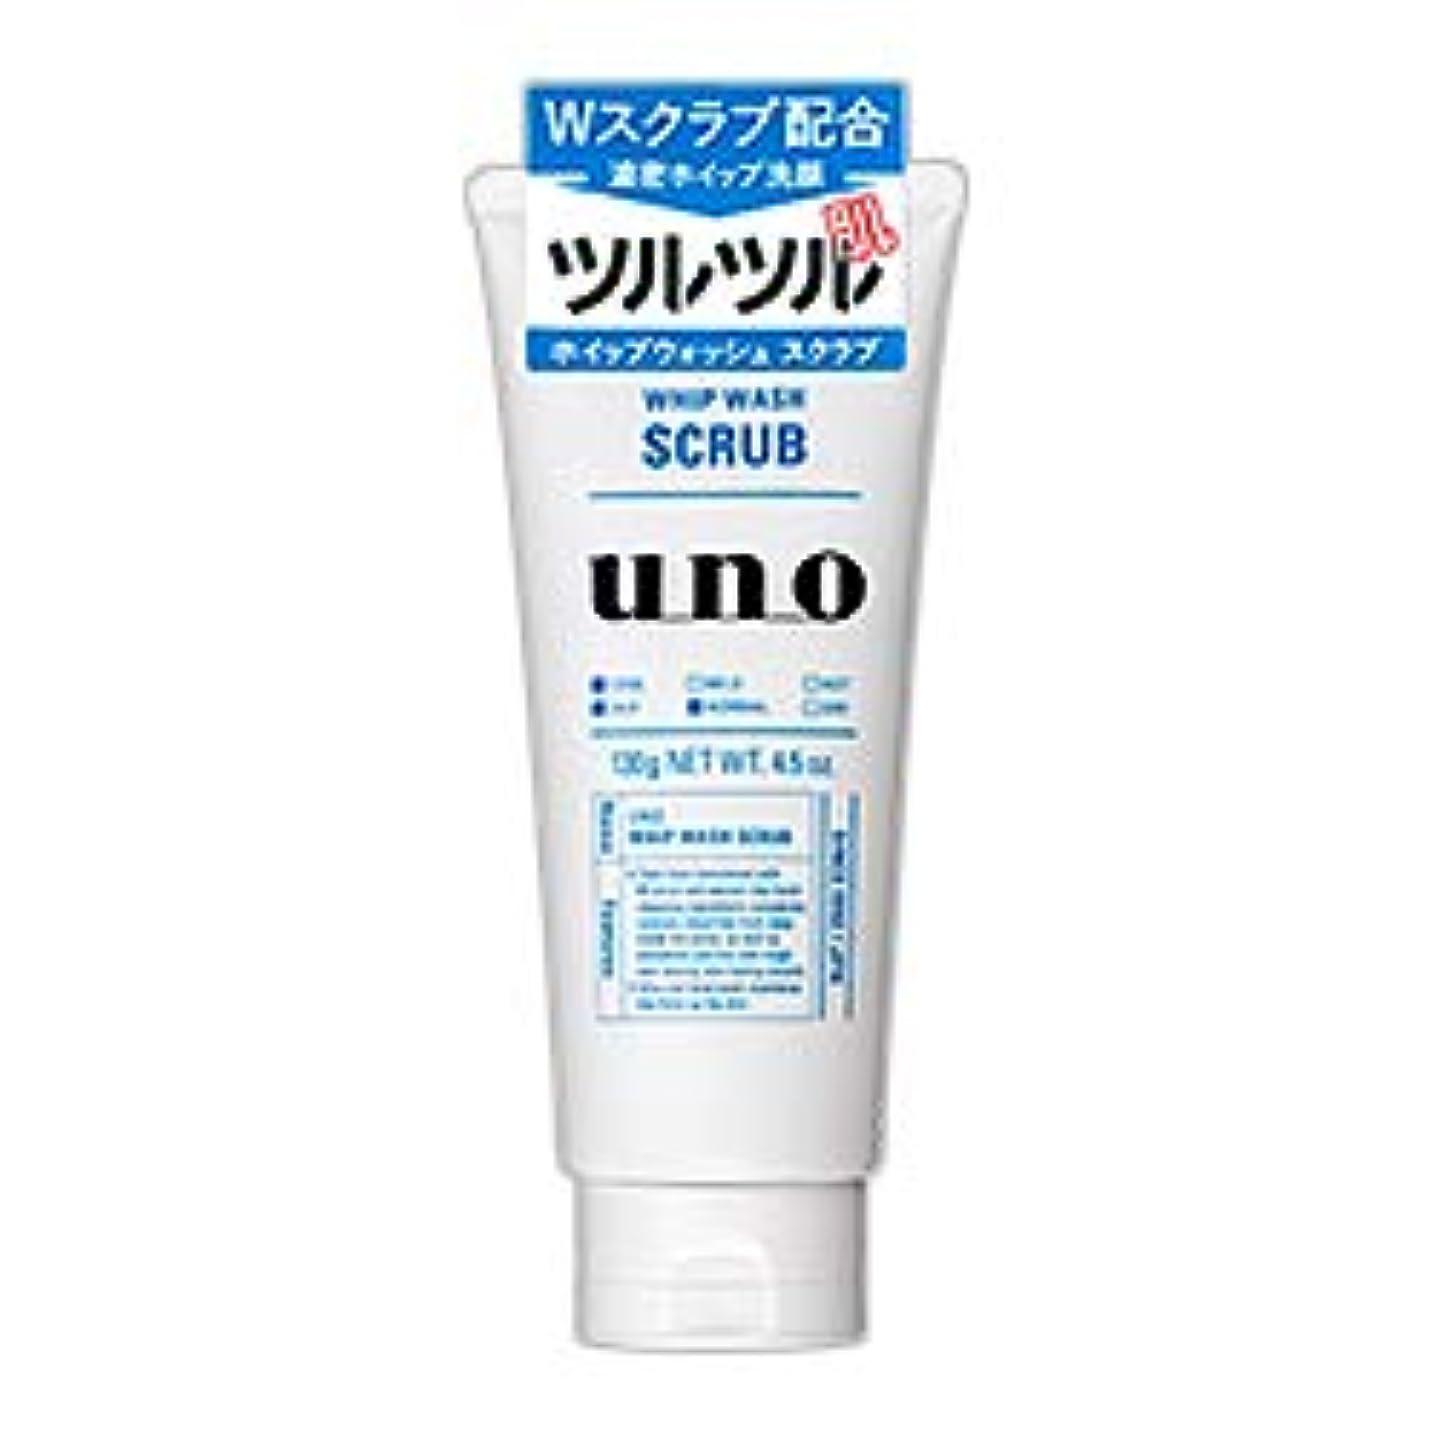 養うおもちゃイノセンス【資生堂】ウーノ(uno) ホイップウォッシュ (スクラブ) 130g ×4個セット